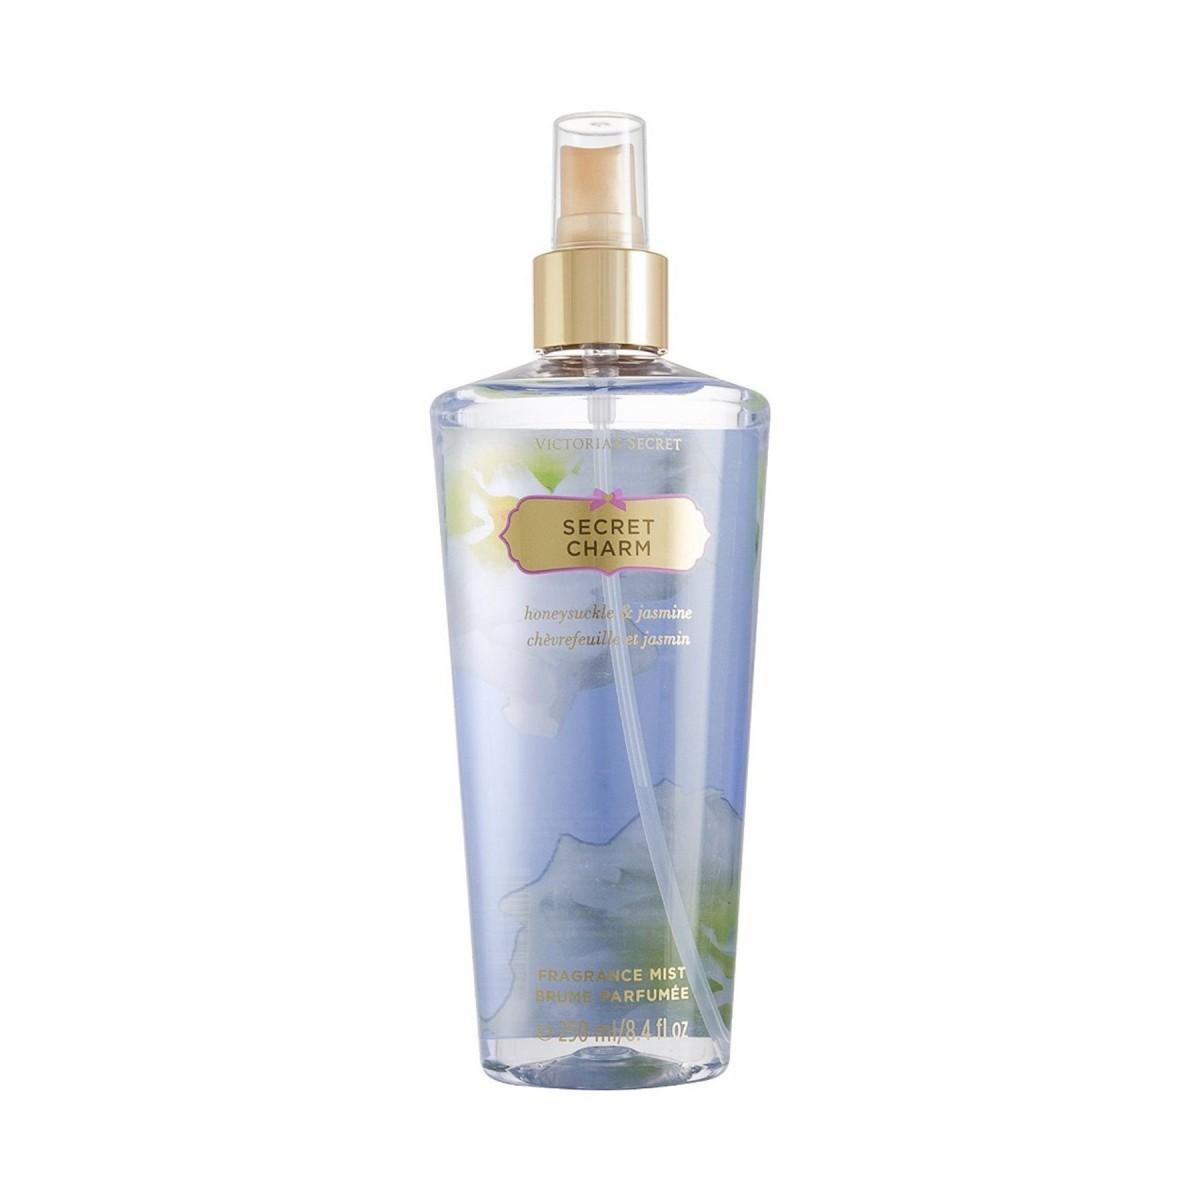 65c22099e6 Consumo fragrances Victorias Secret Secret Charm Fragrance Mist 250ml  Purple